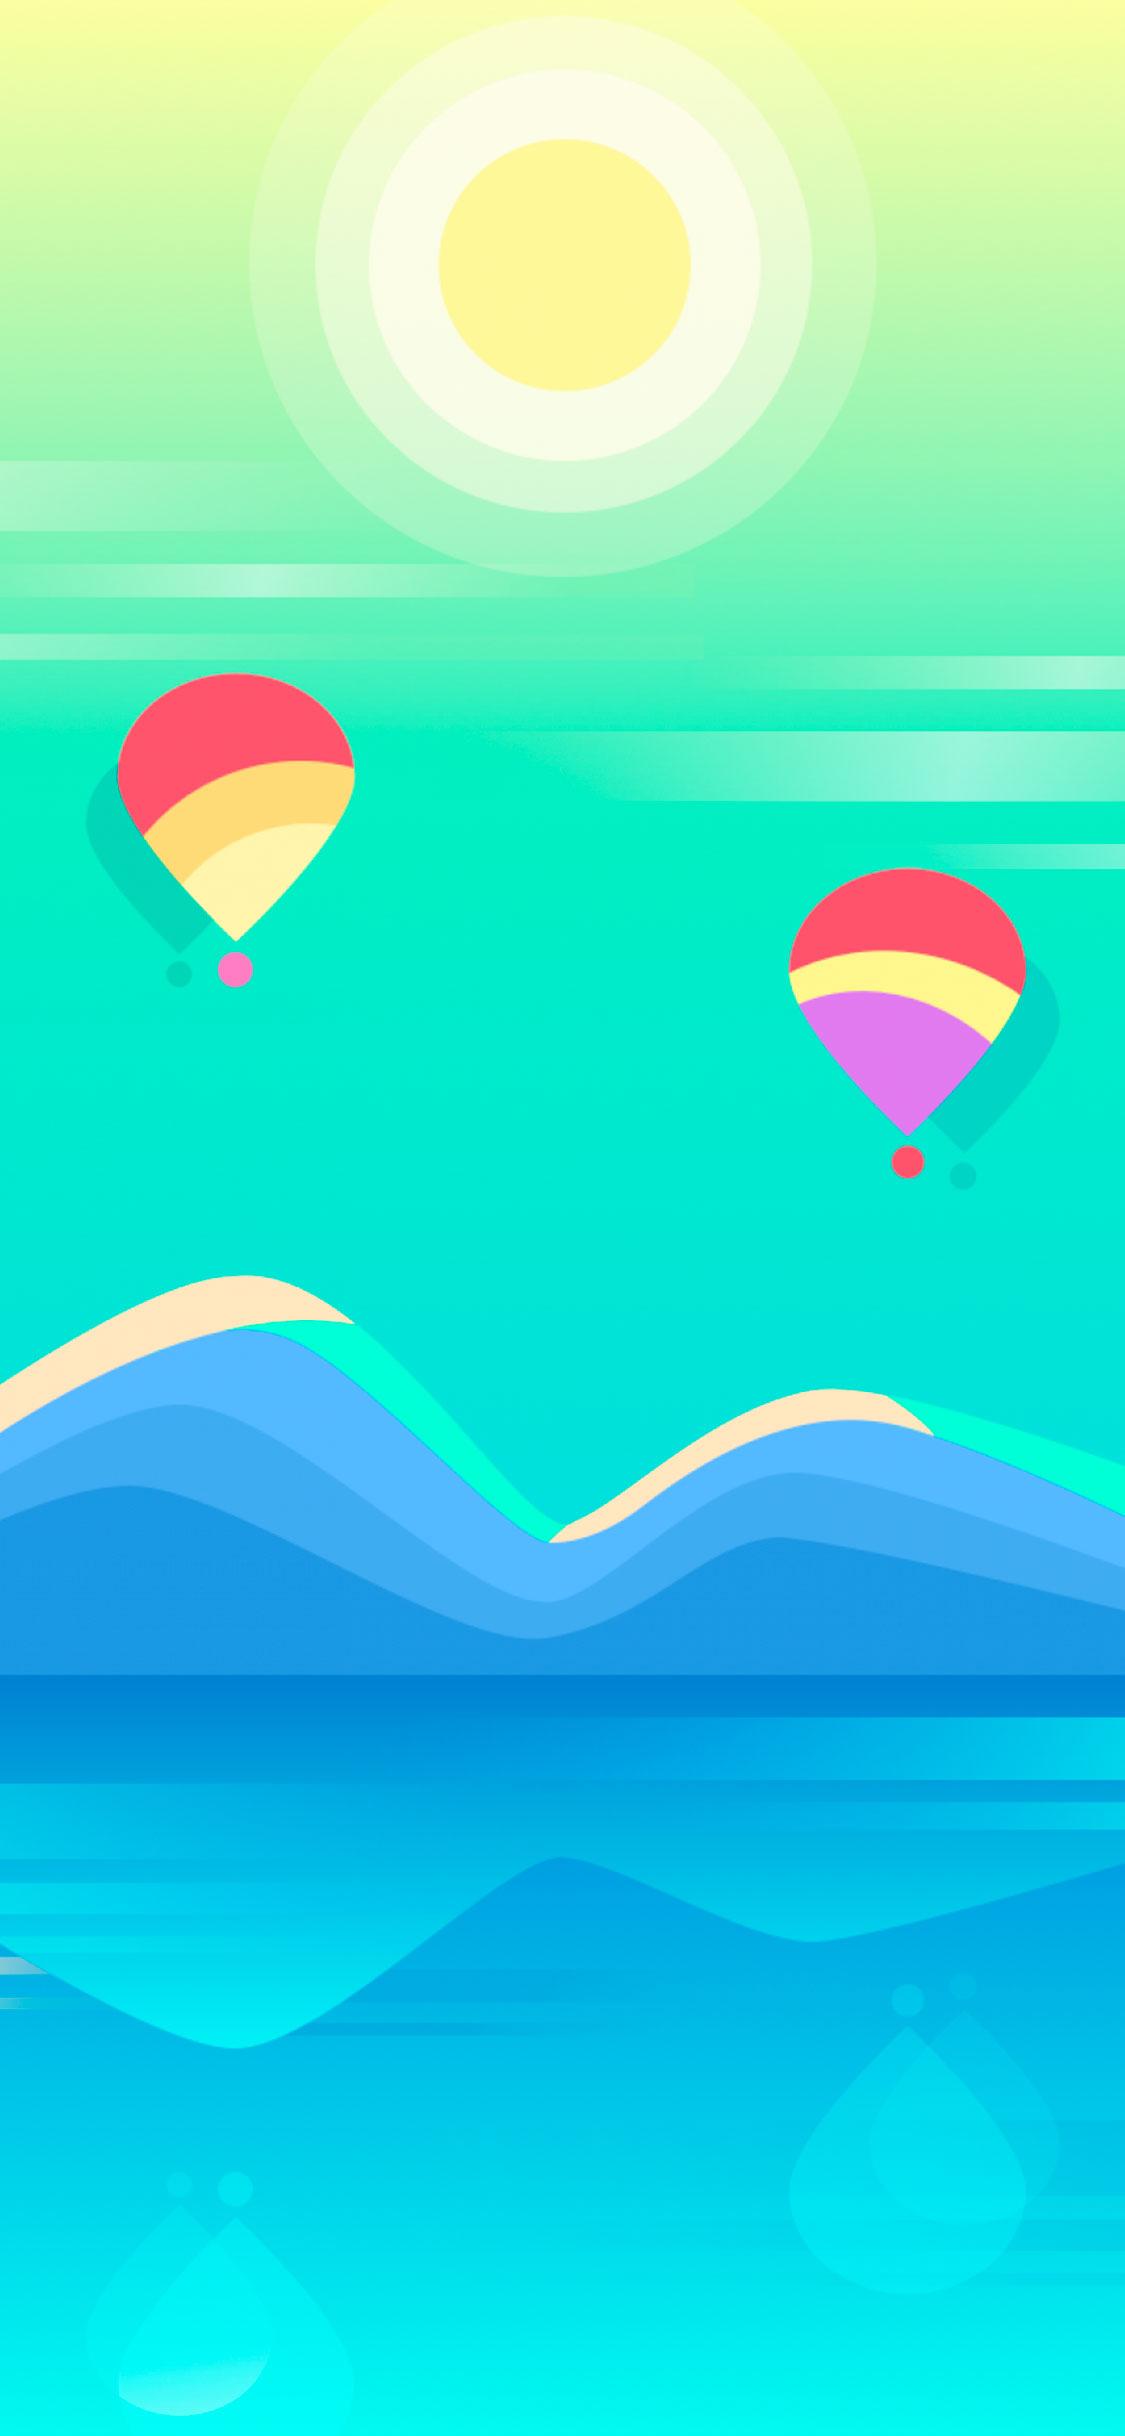 iPhone wallpaper illustration.balloon Illustration